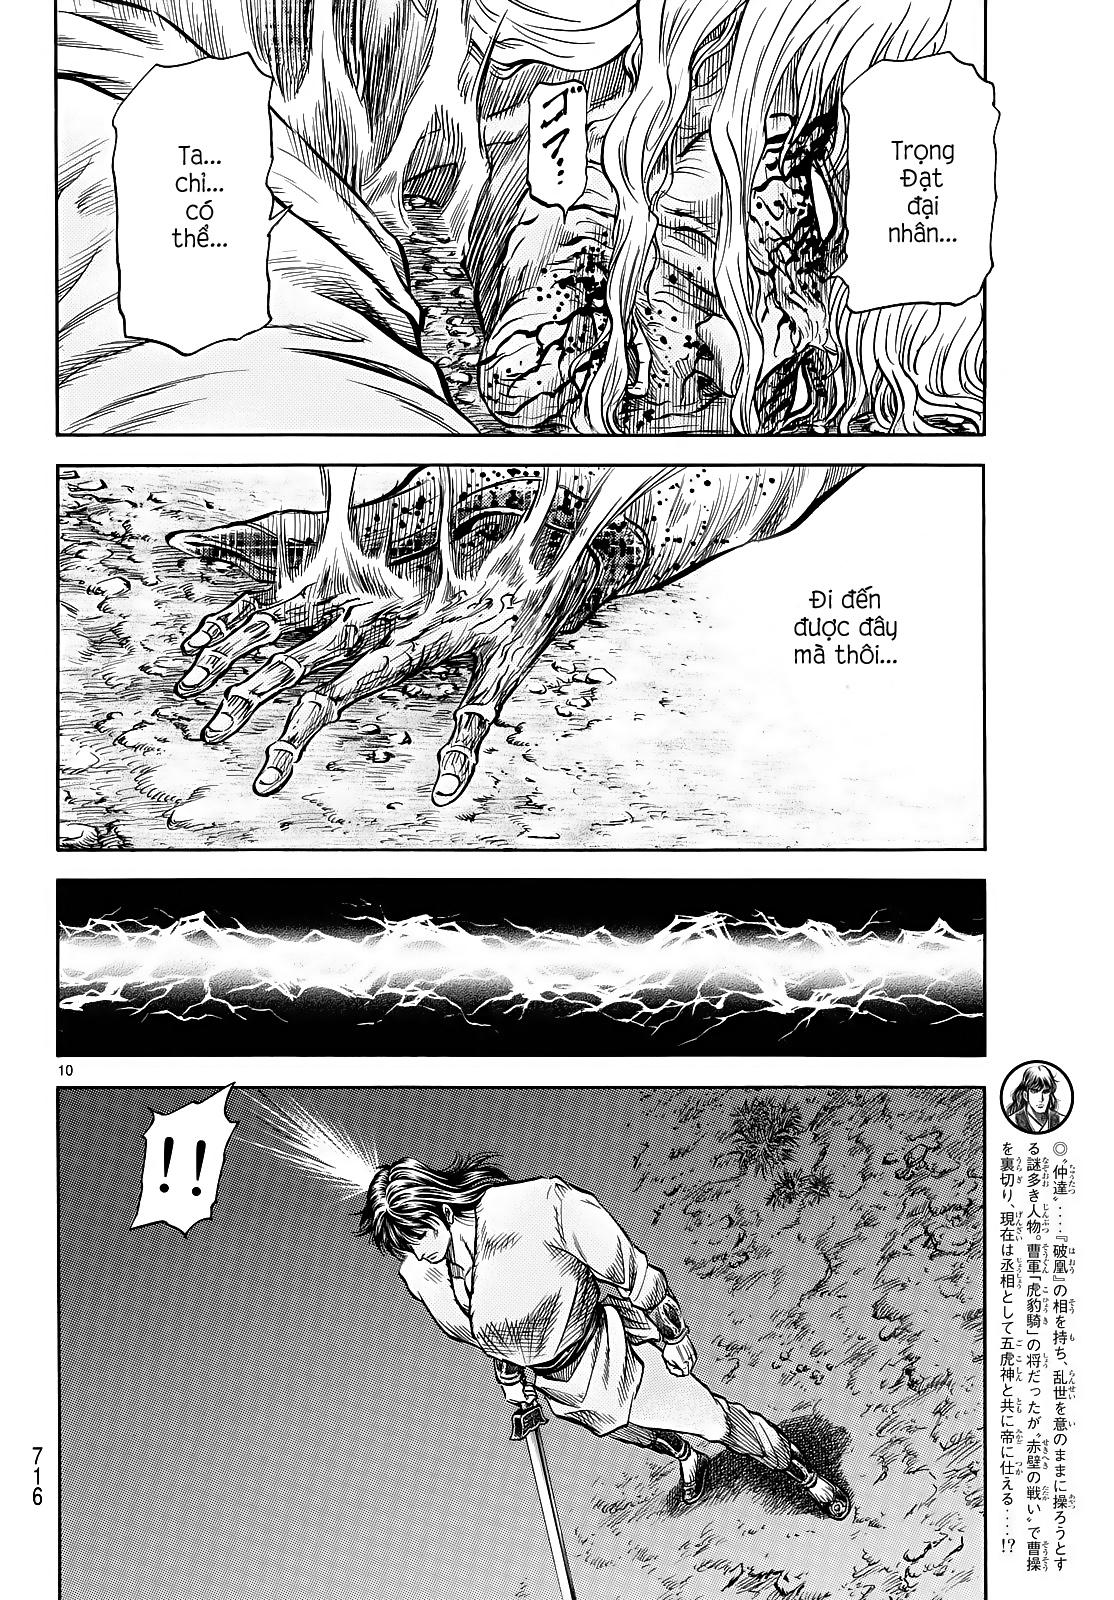 Chú Bé Rồng - Ryuuroden chap 262 - Trang 10